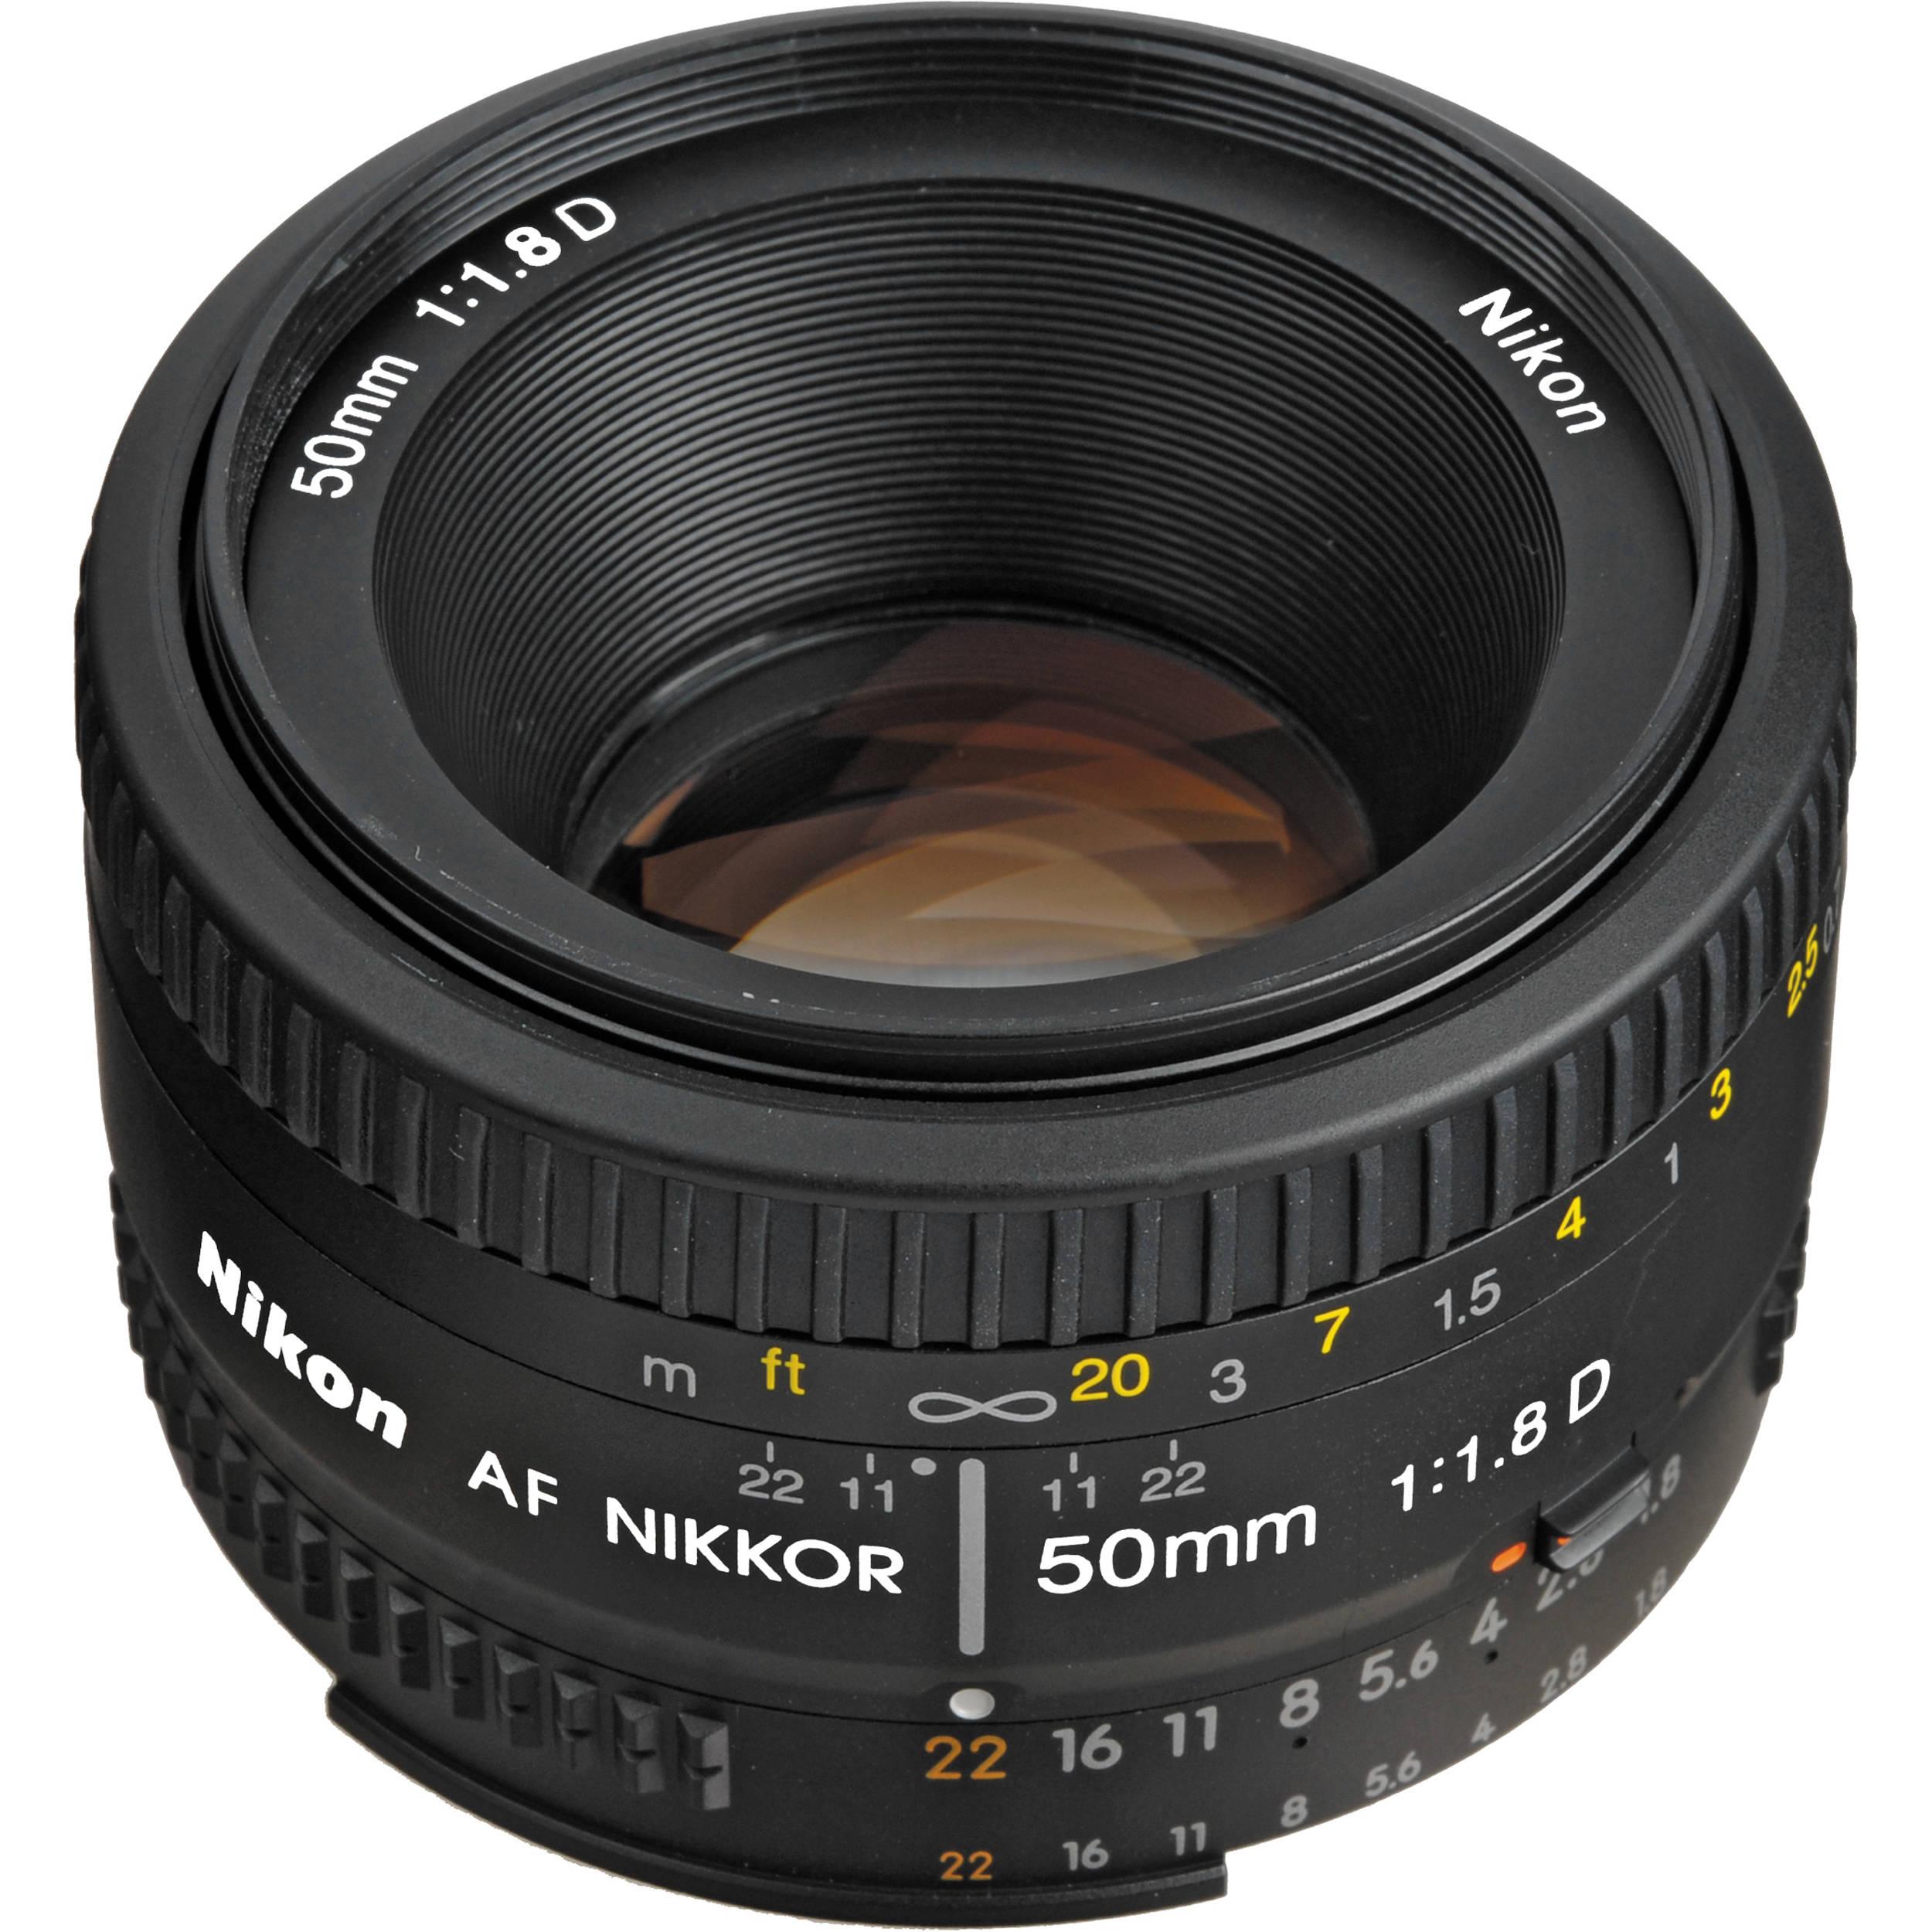 Nikon_2137_Normal_AF_Nikkor_50mm_247091.jpg